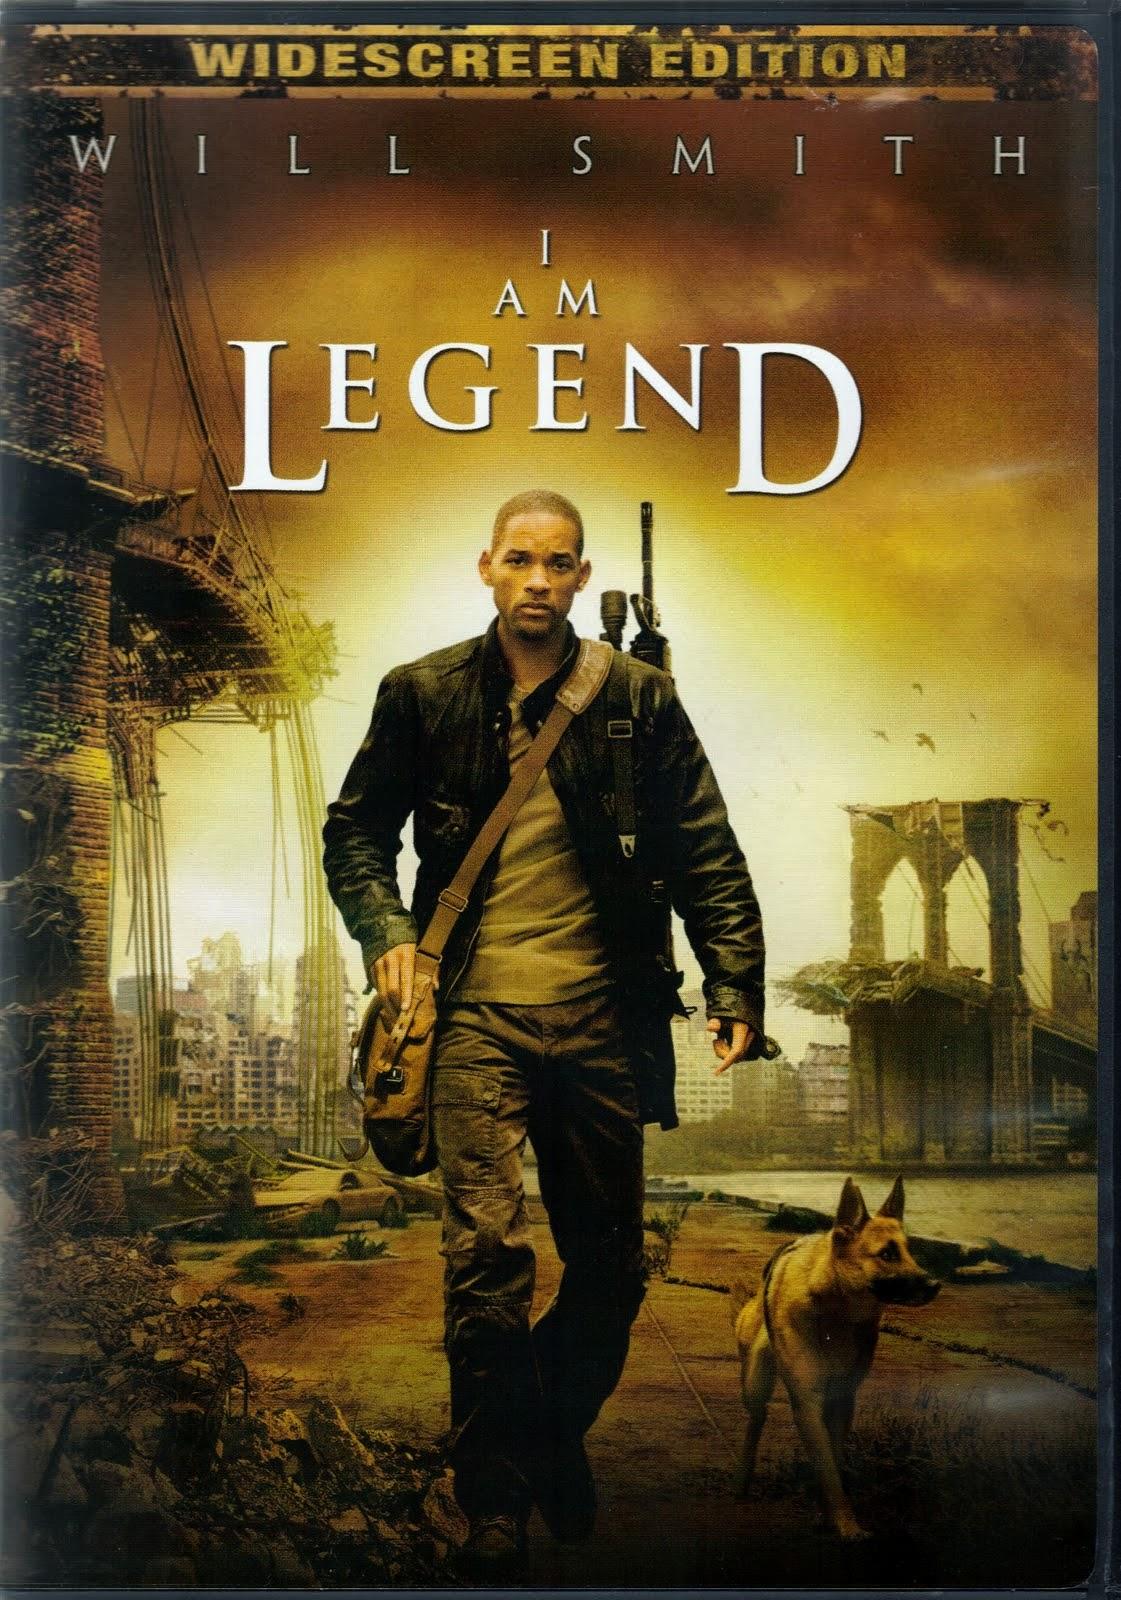 legend ending: